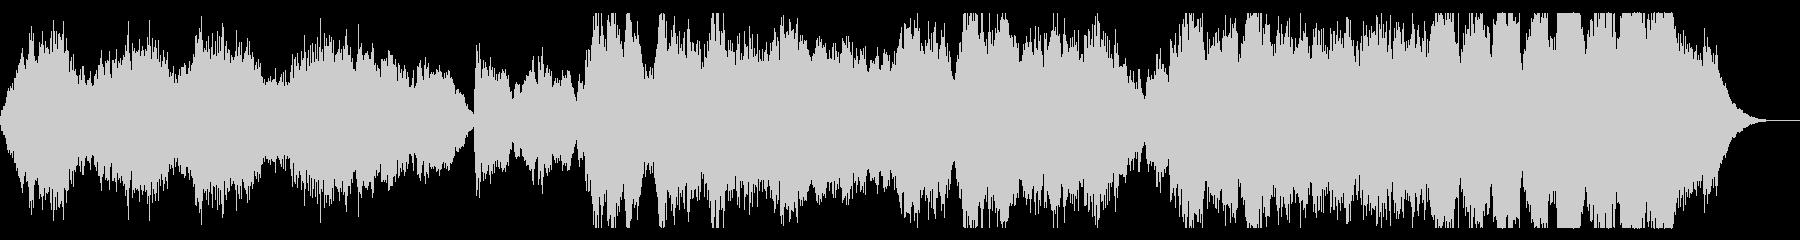 荘厳なダークファンタジー系オーケストラの未再生の波形